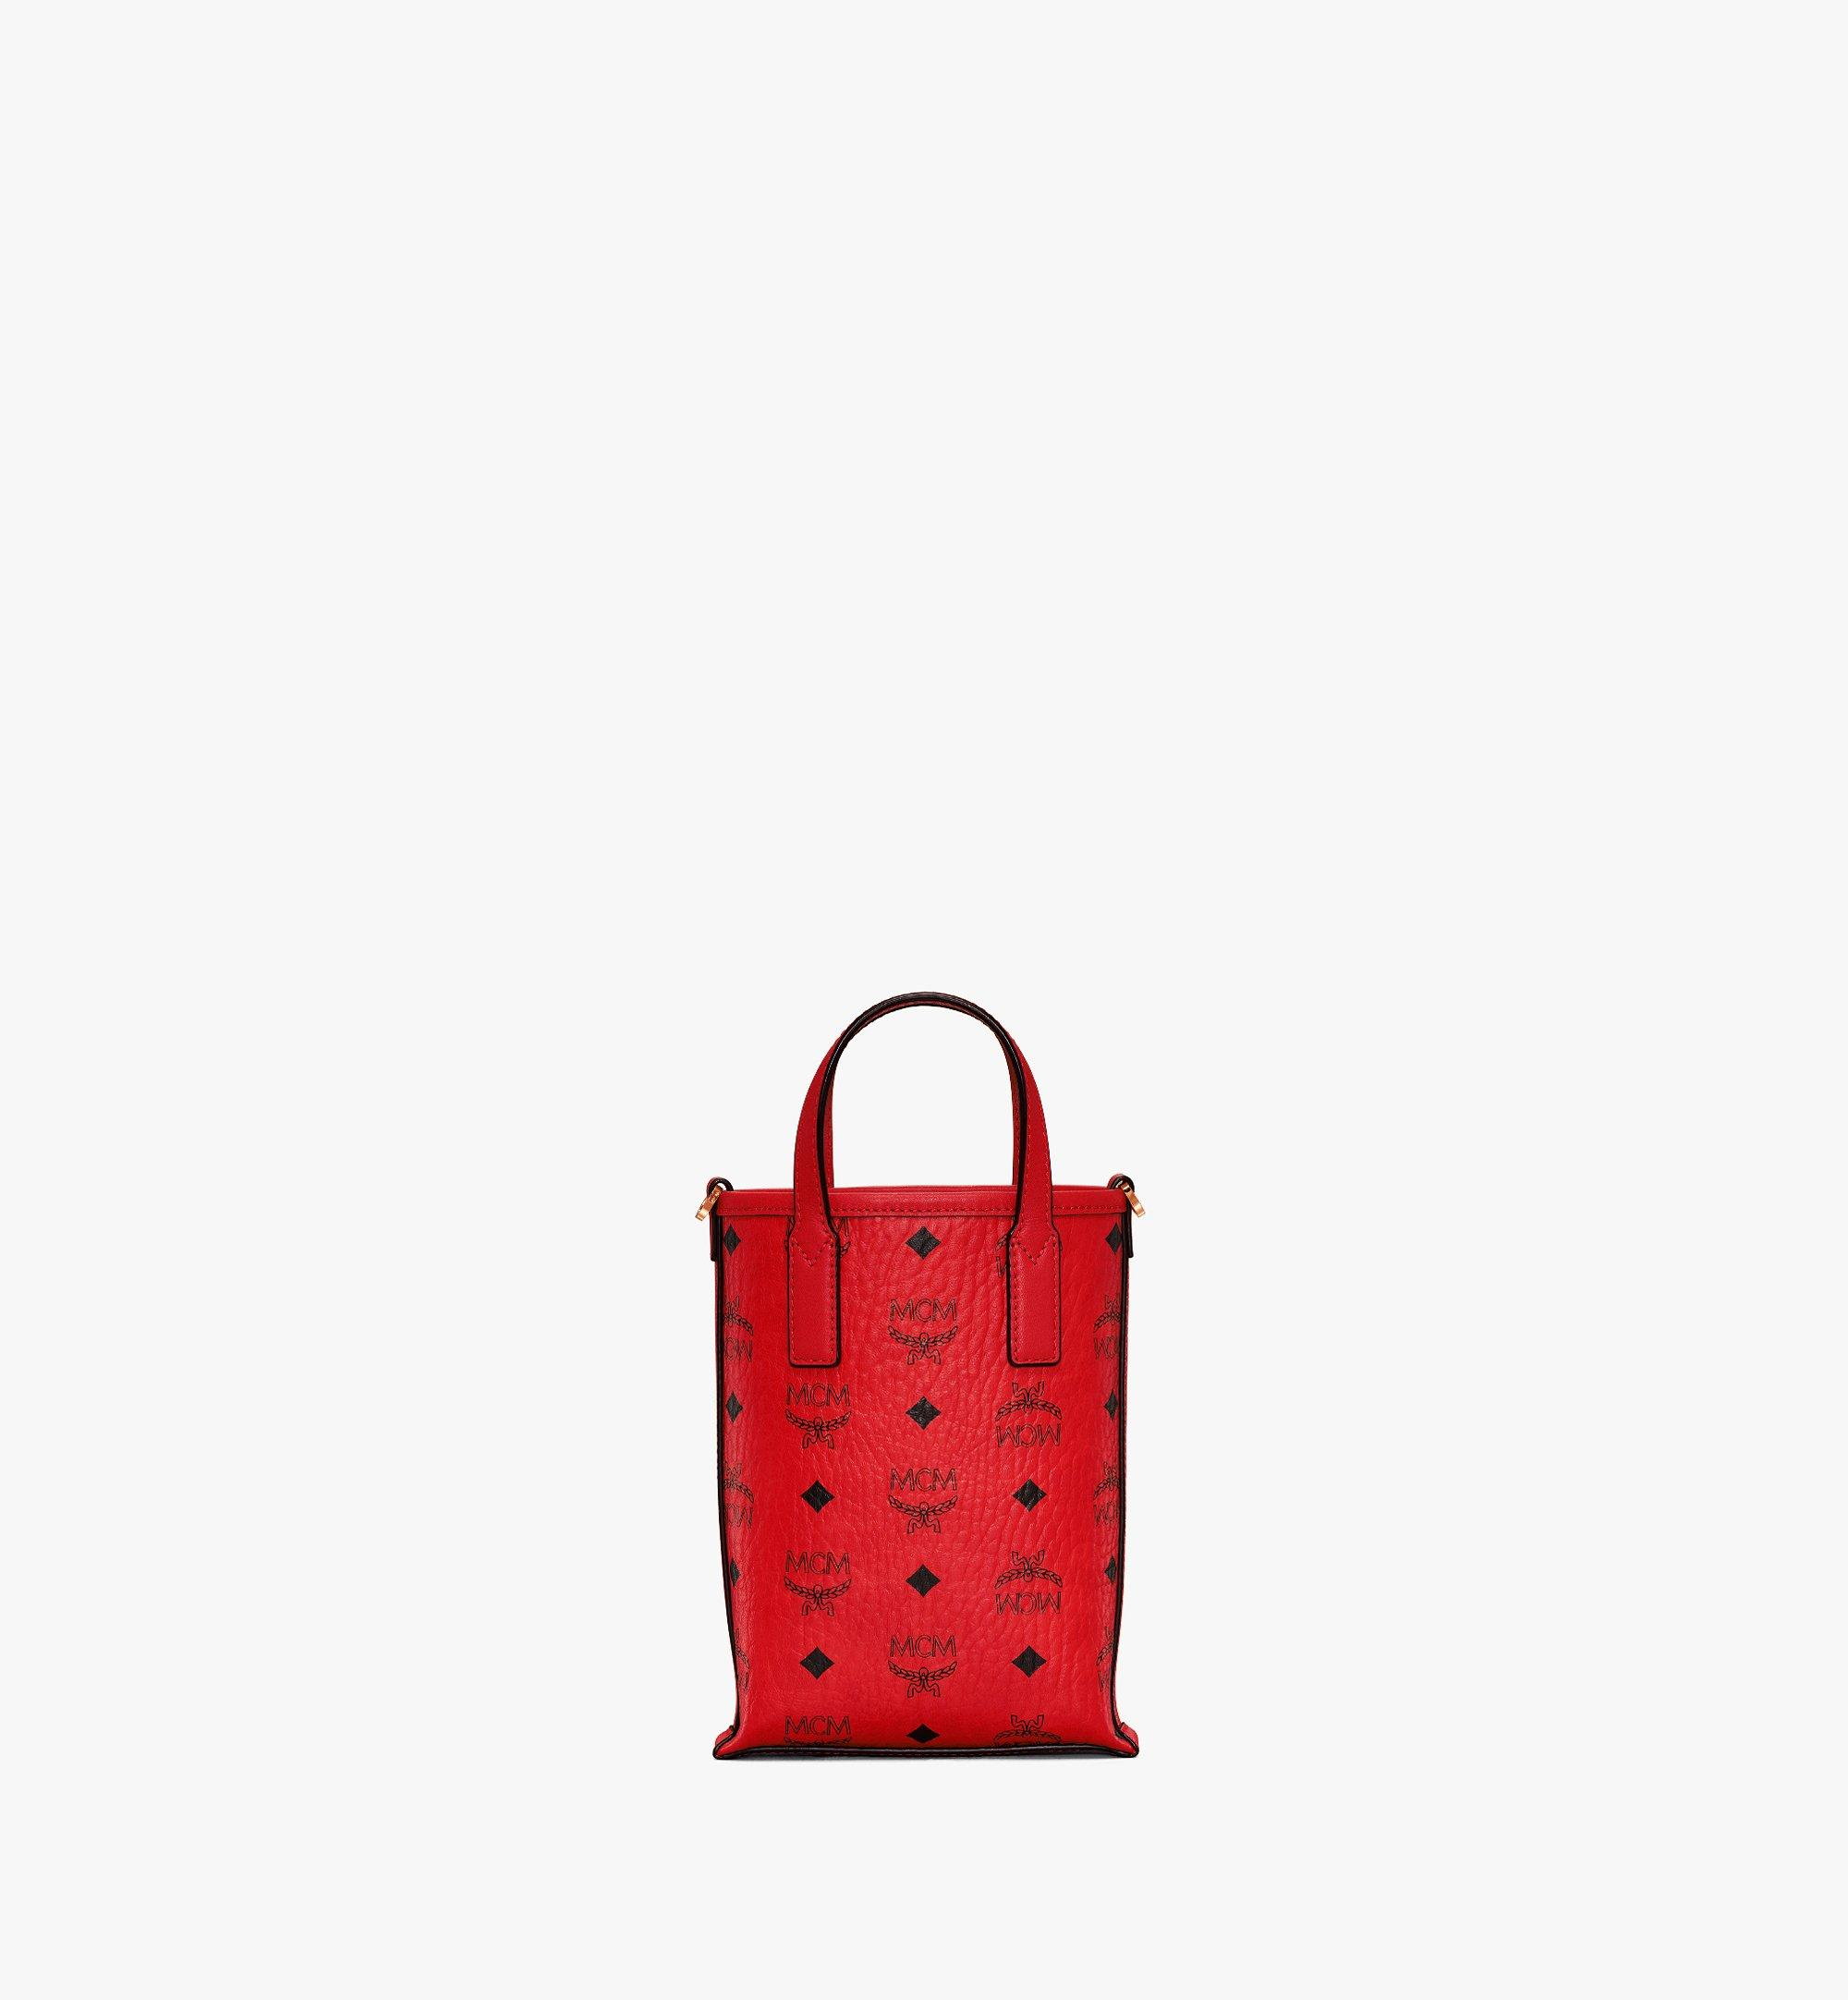 MCM Essential Crossbody Bag in Visetos Red MWRAASE05RU001 Alternate View 4